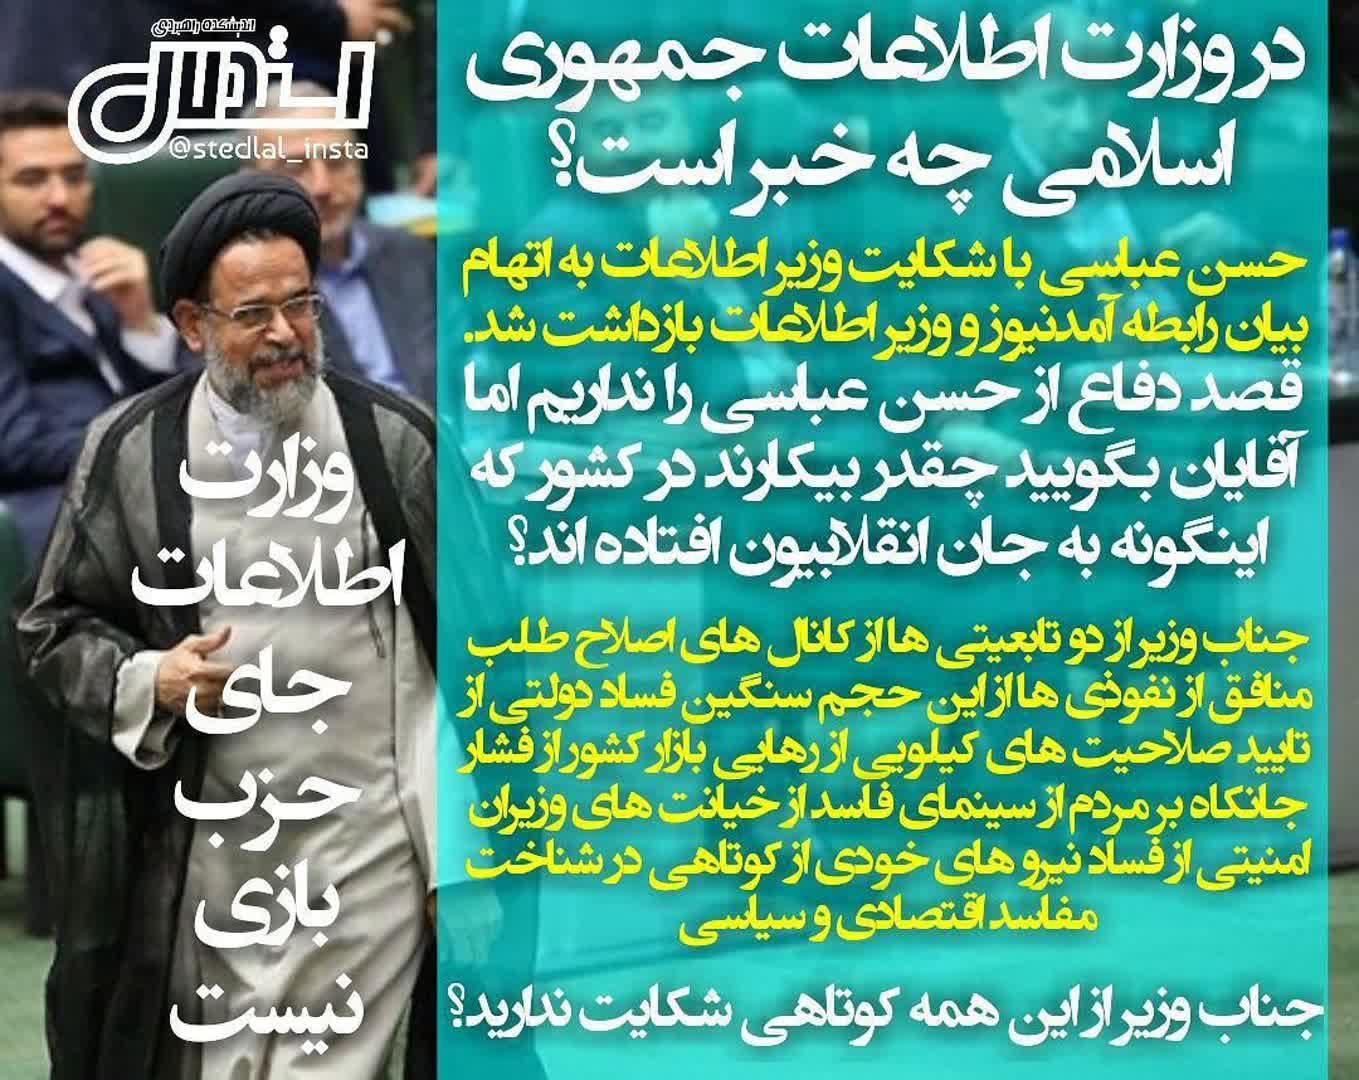 amadnews%20%2810%29 شکایت وزیر اطلاعات از حسن عباسی به بهانه بیان ارتباط و رابطه آمدنیوز و همچنين وزیر اطلاعات + اسناد